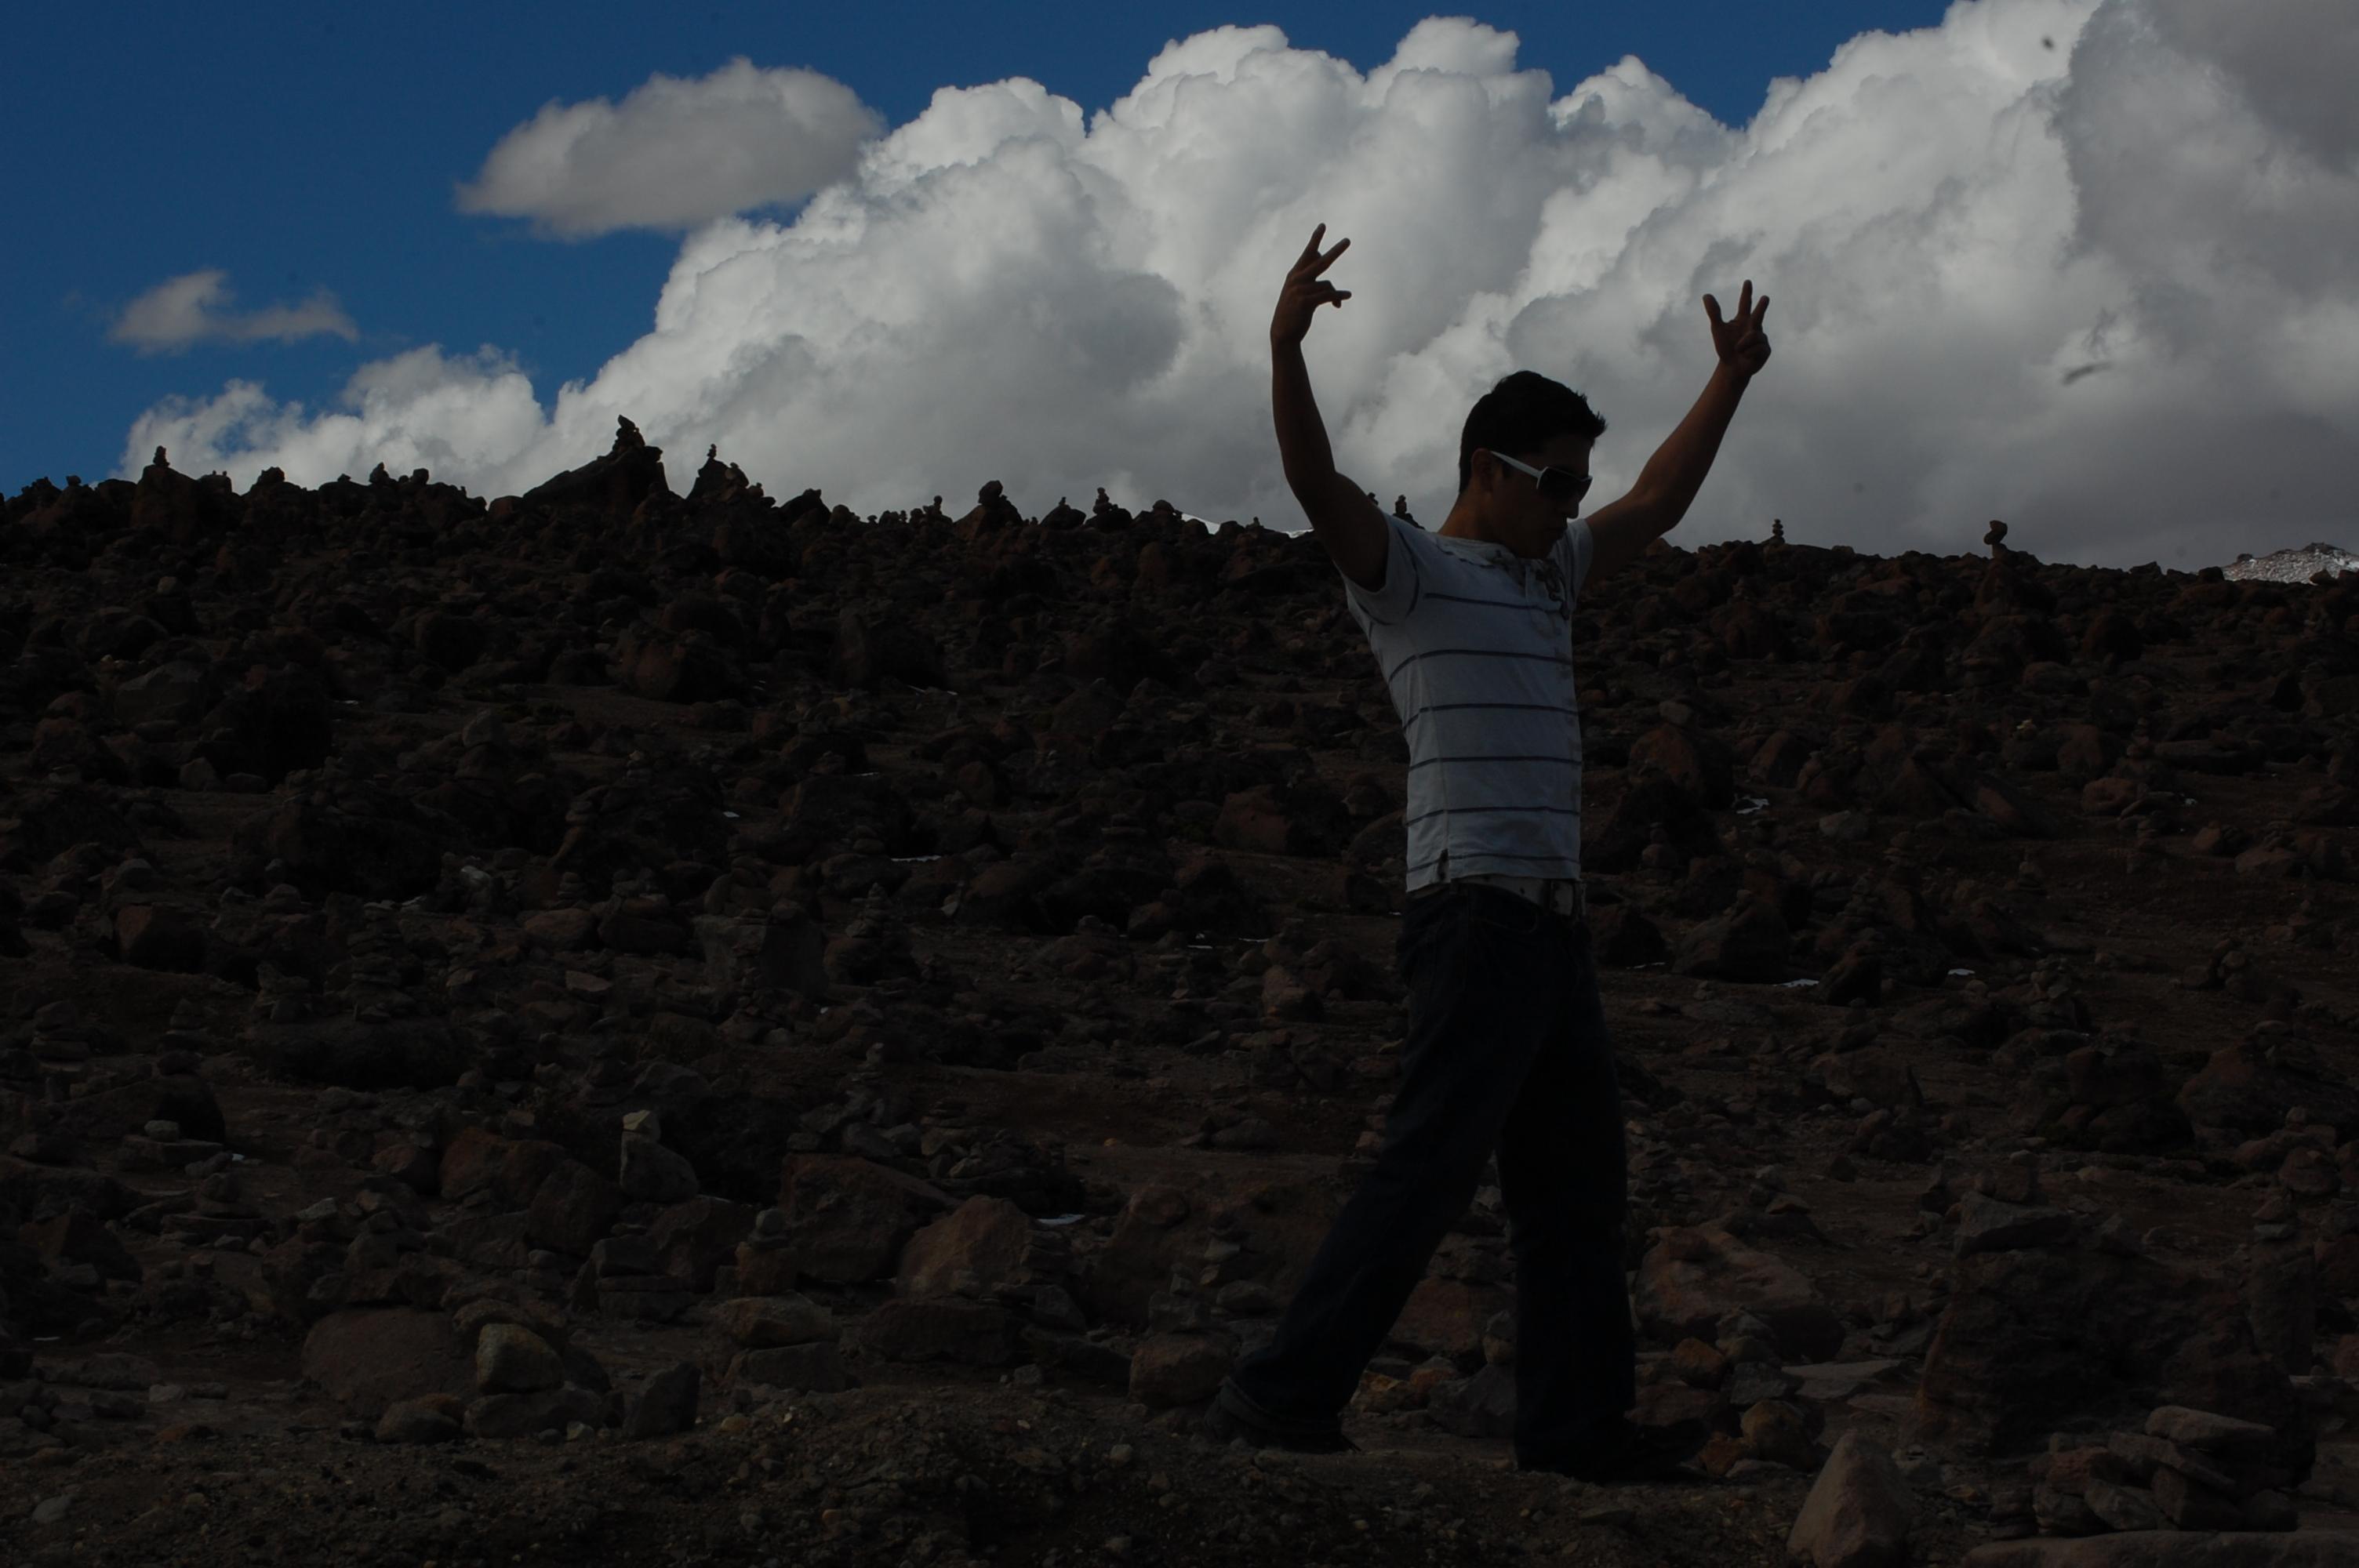 Ricky celebrating man over nature